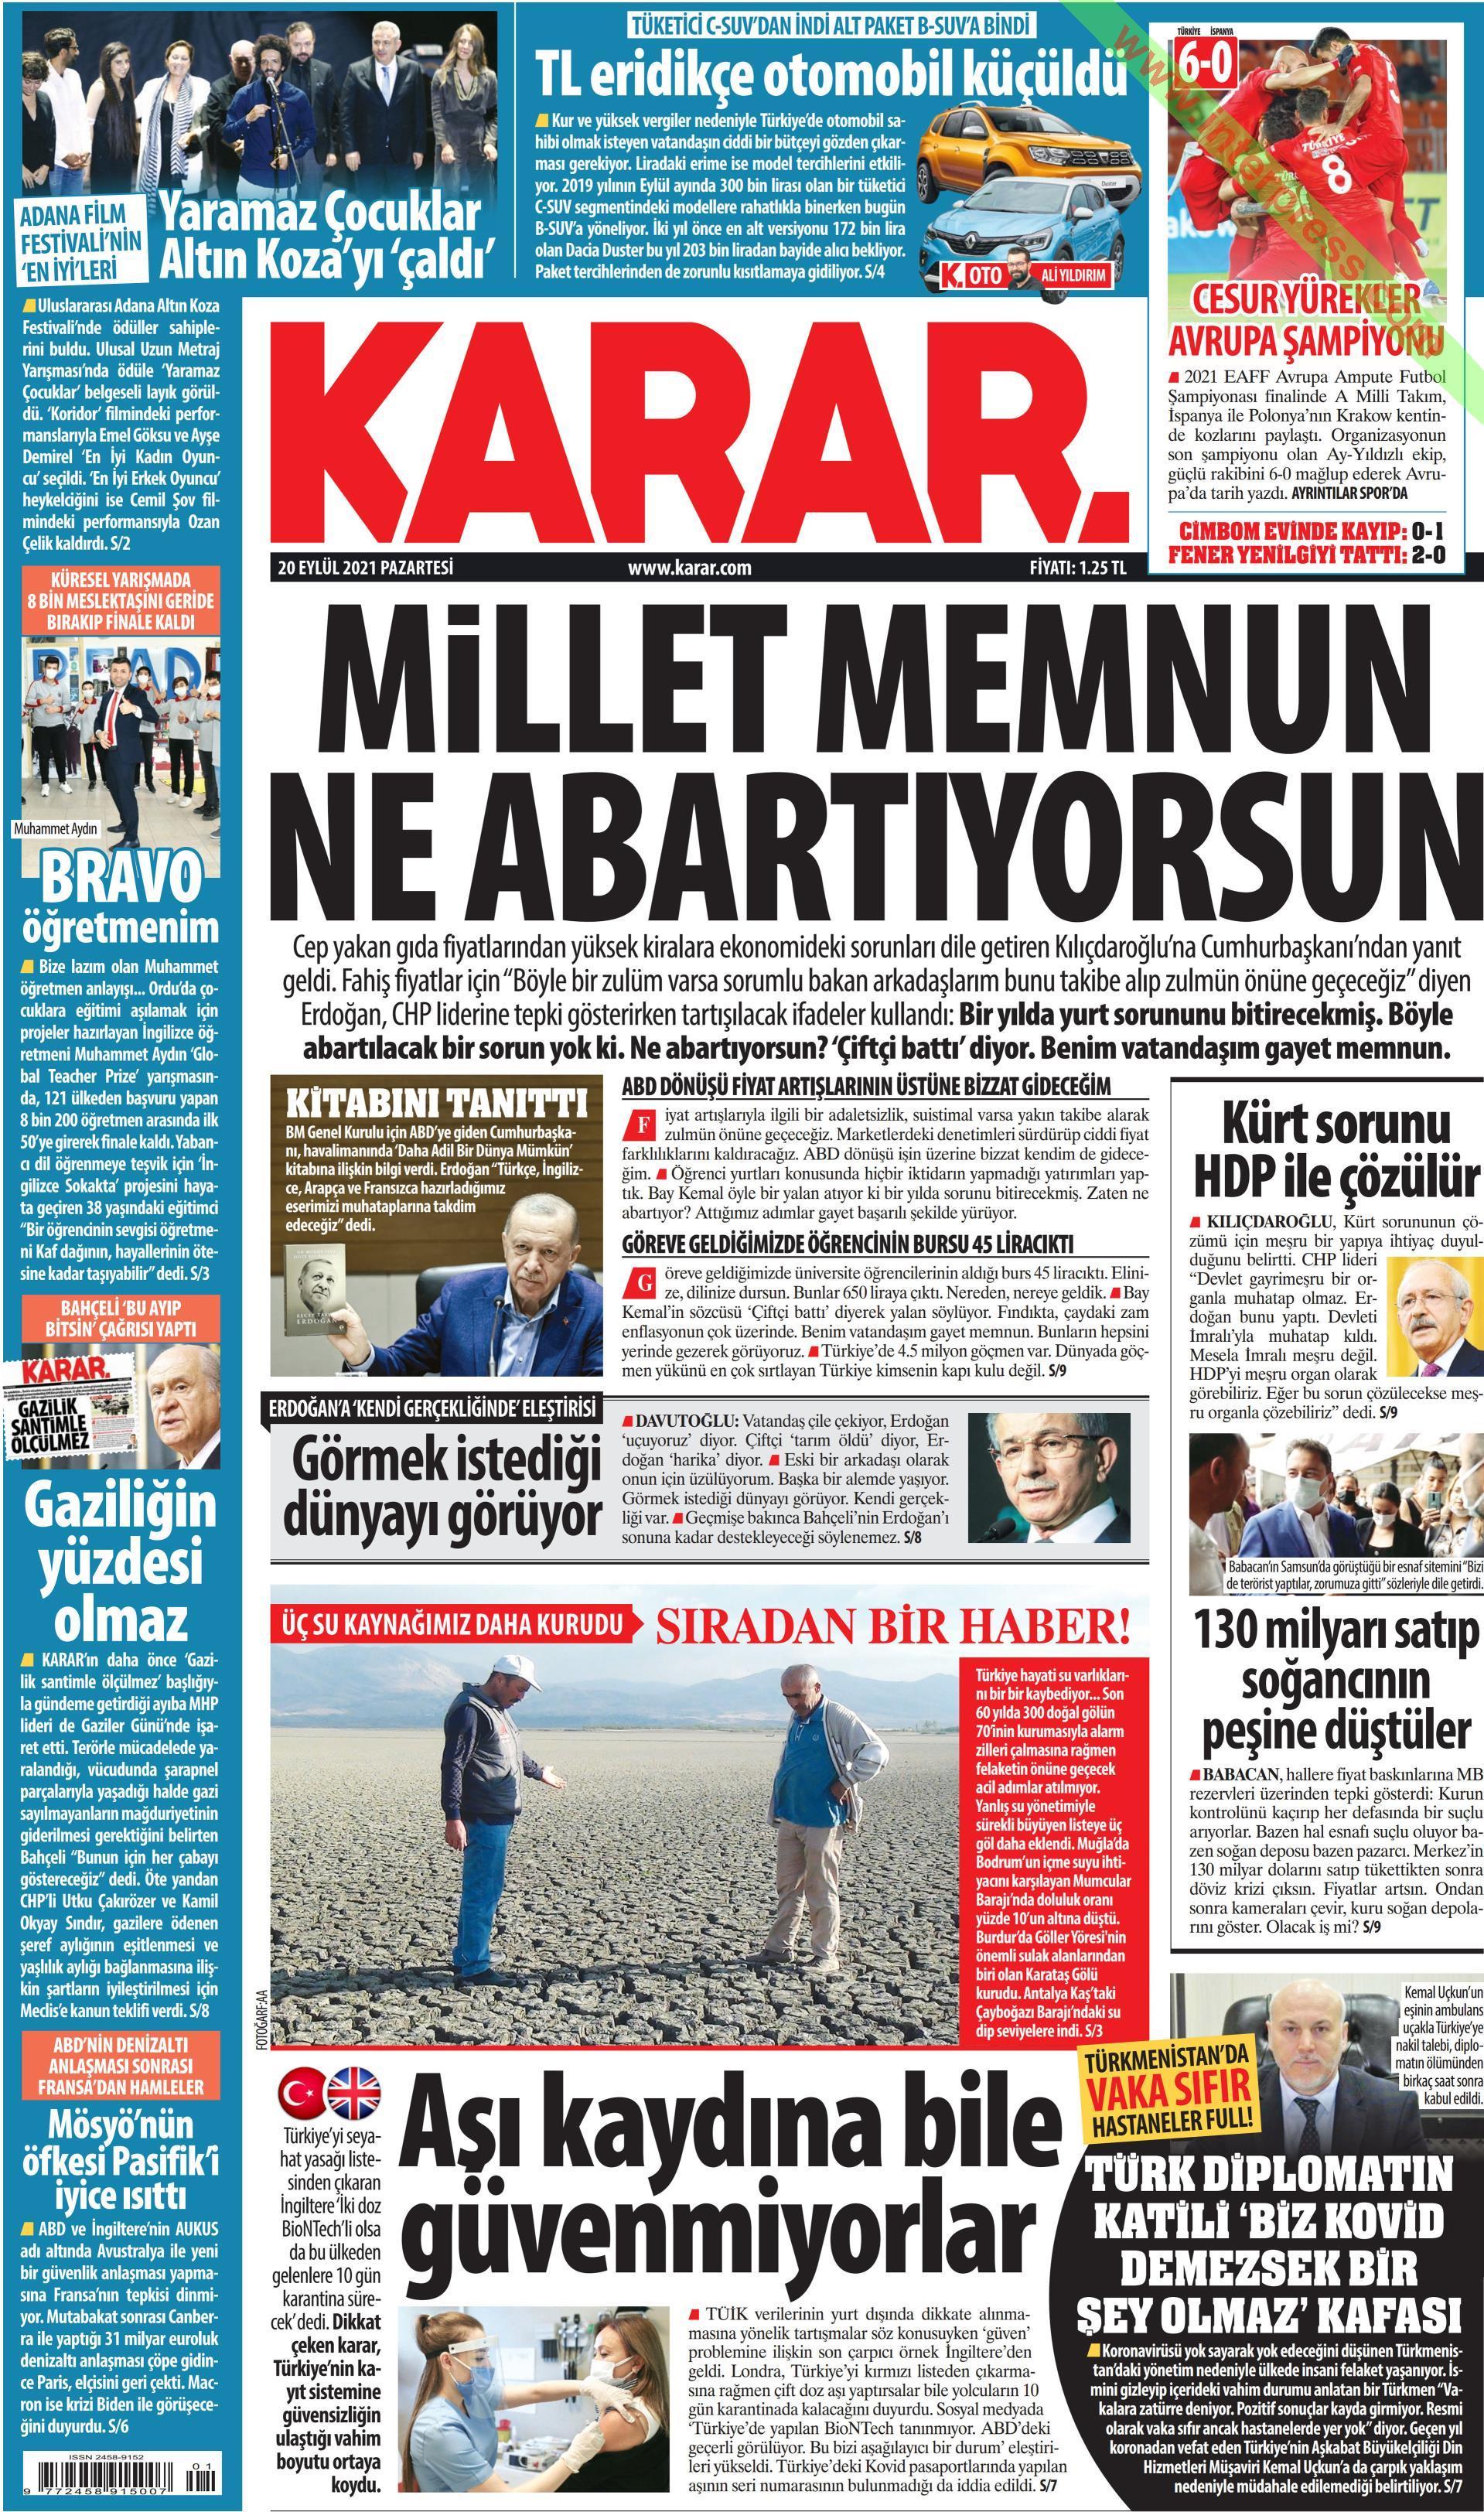 Karar gazetesi oku